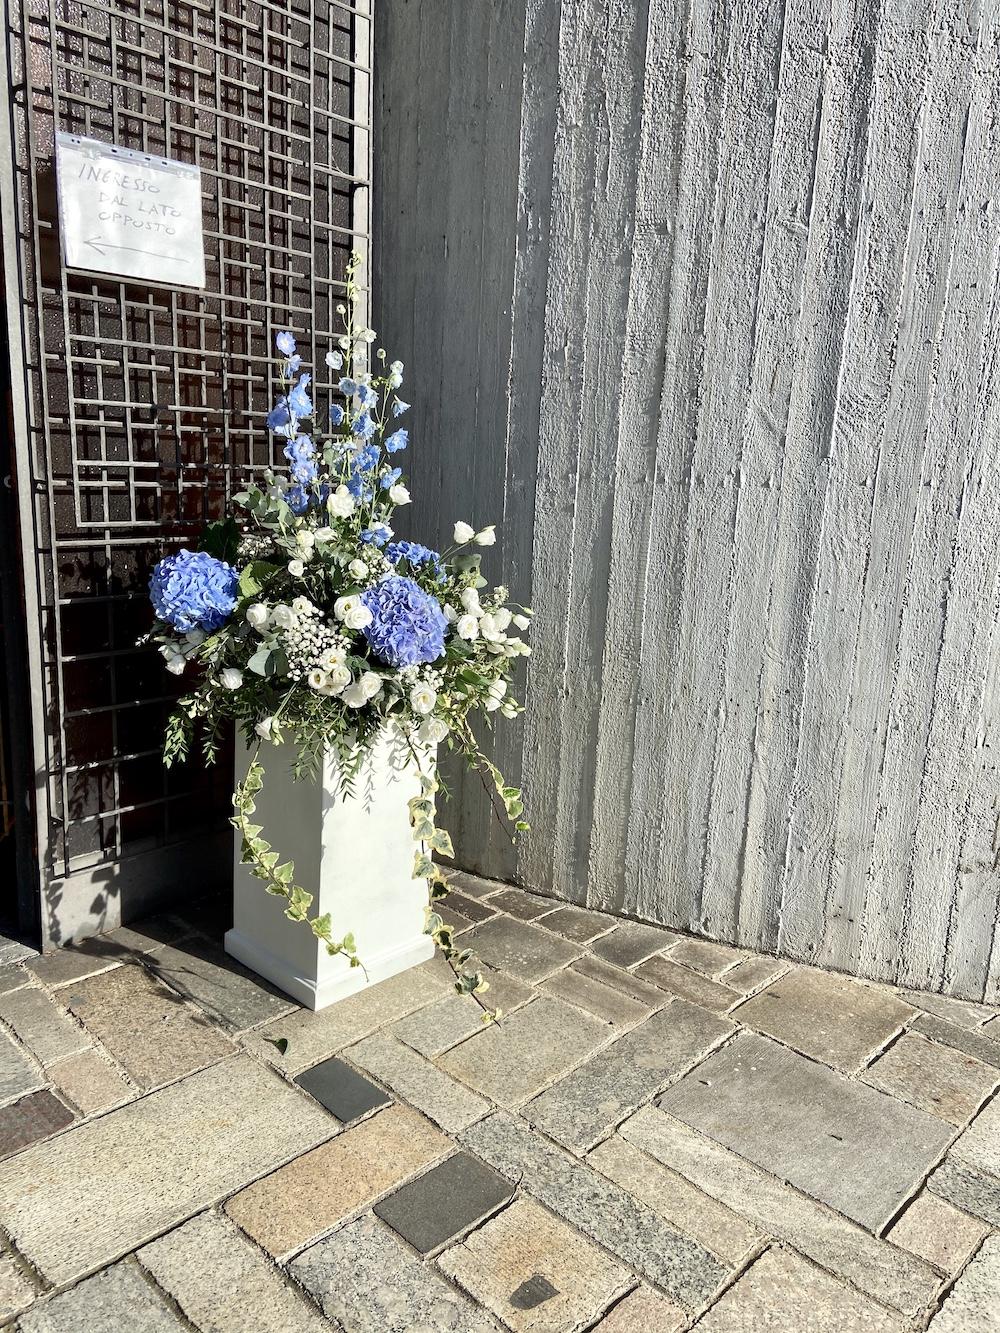 blu IMG_5376Wedding allestimento floreale rossana flower store novellinoBLU Wedding allestimento floreale rossana flower store novellino